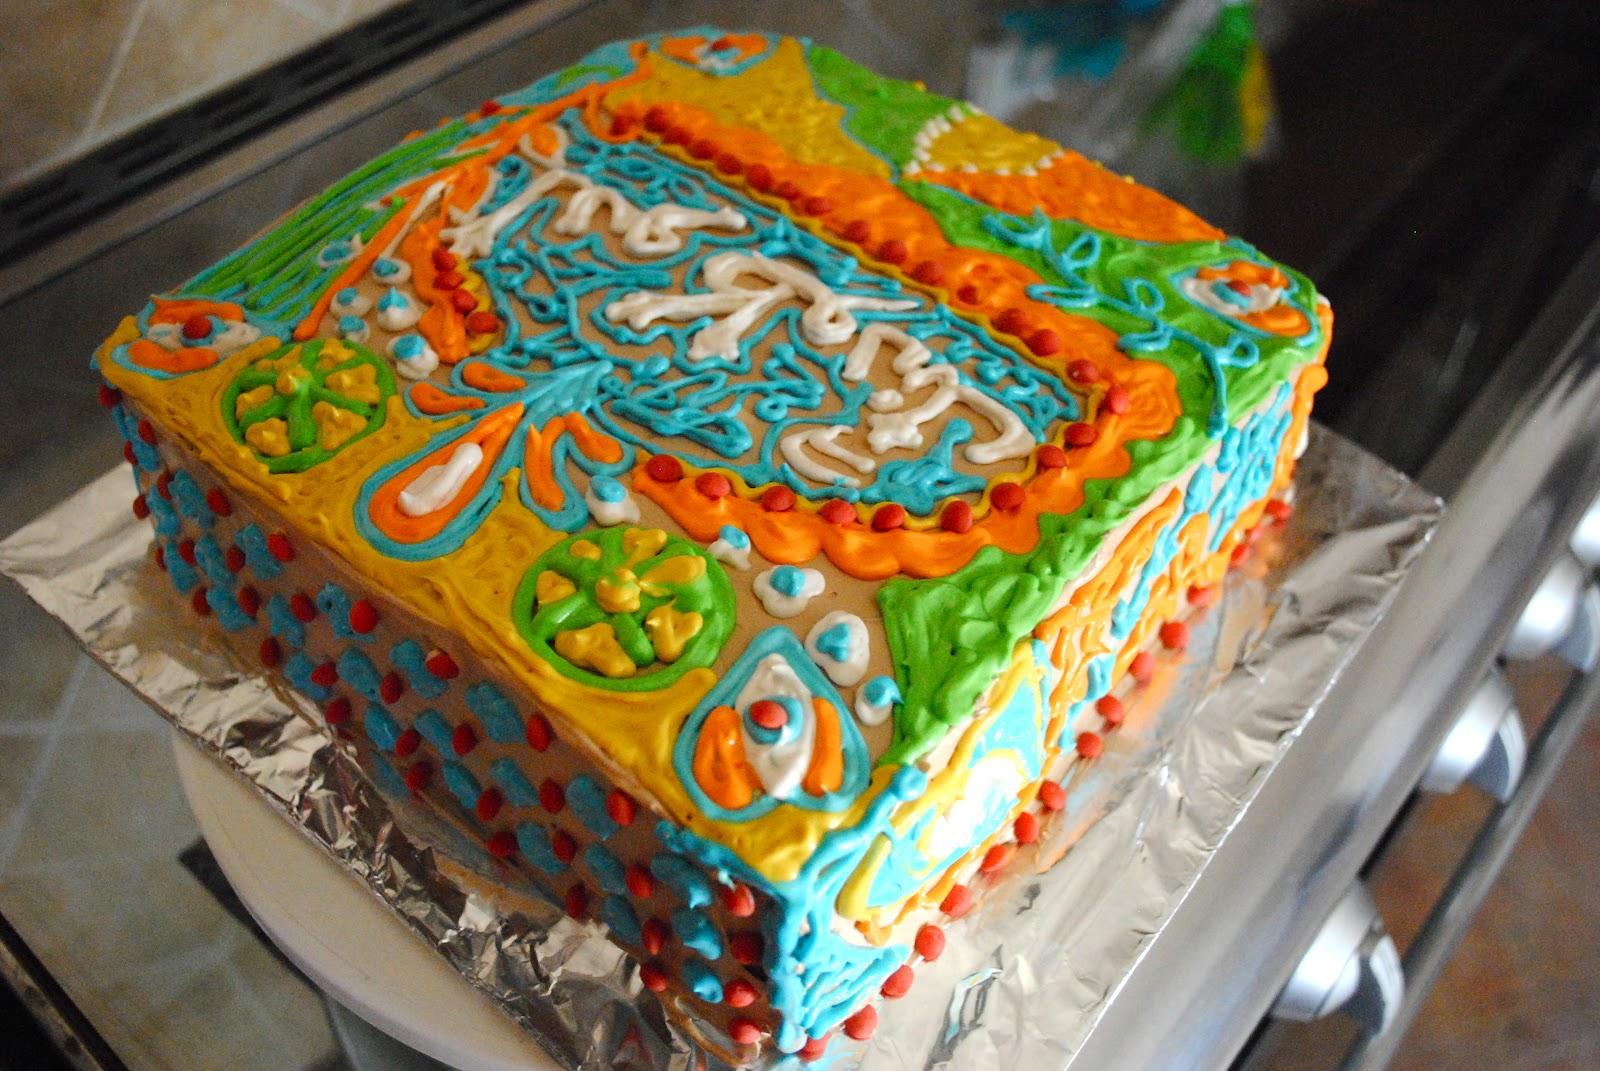 N Mehndi Cake : Truck art piece of cake©